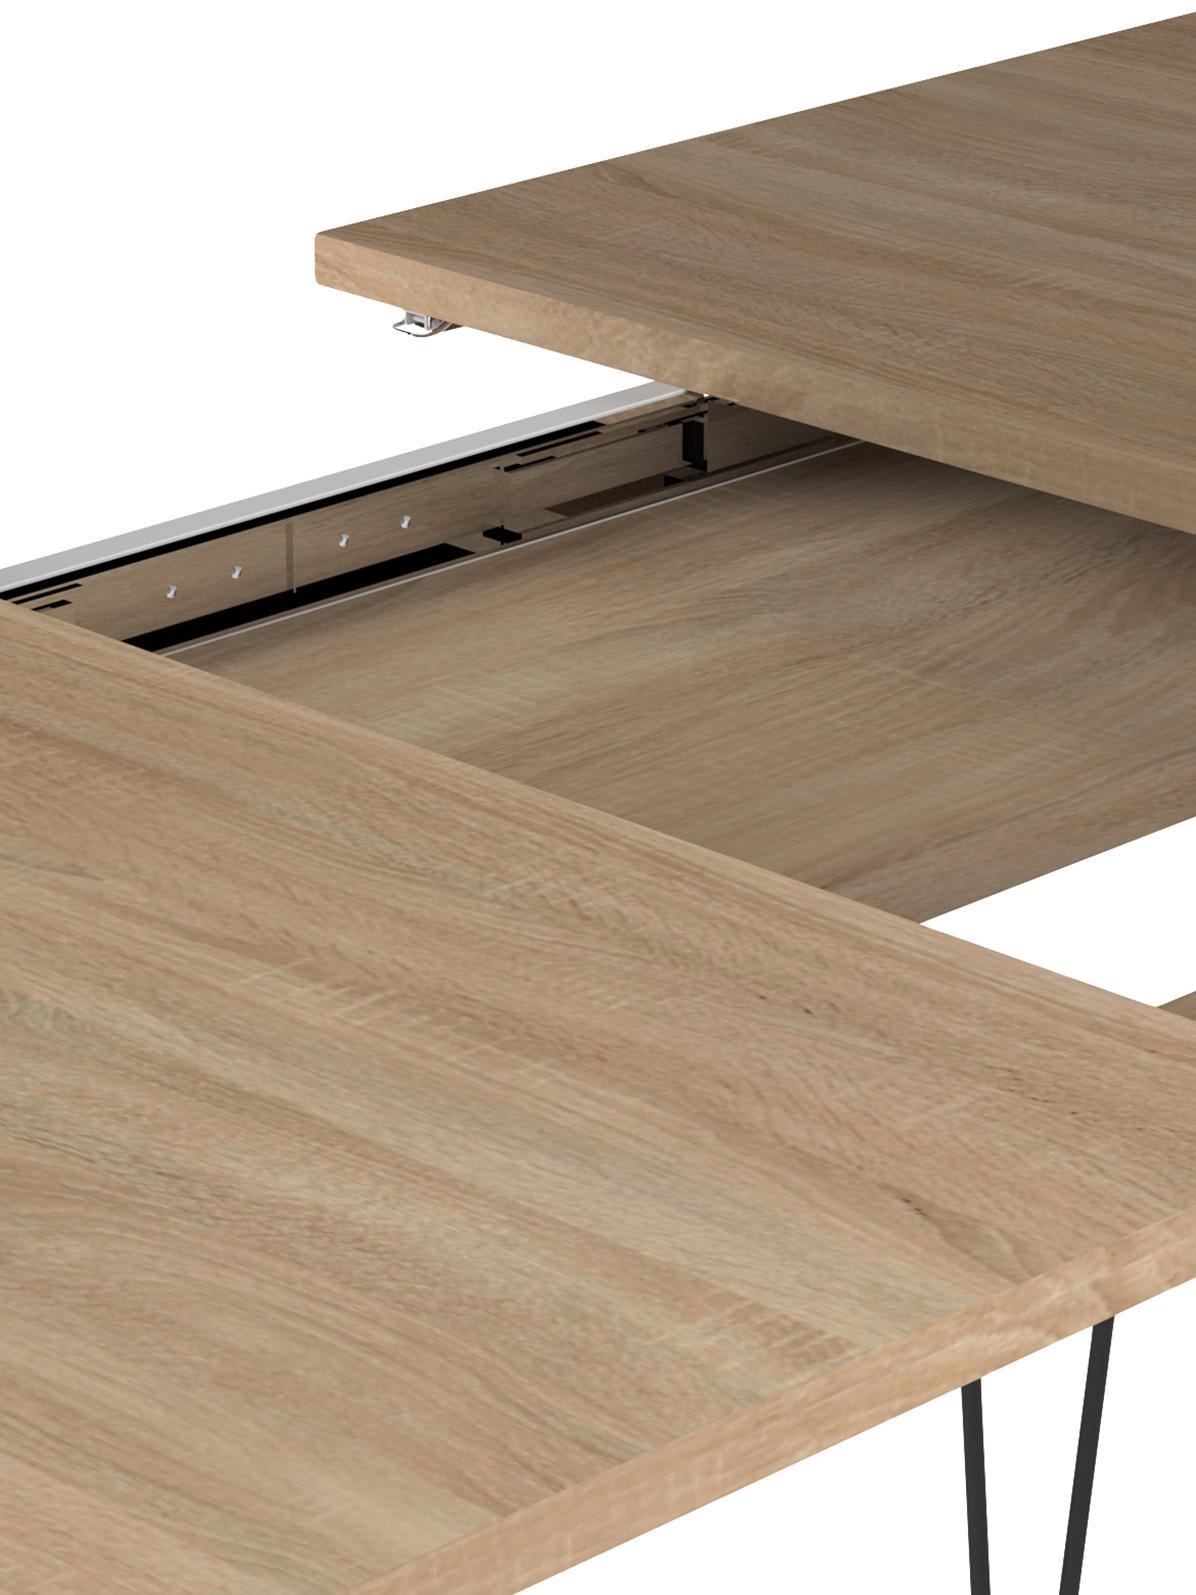 Tavolo allungabile Aero, Gambe: metallo verniciato, Legno di quercia, Larg. 134 a 174 x Prof. 90 cm